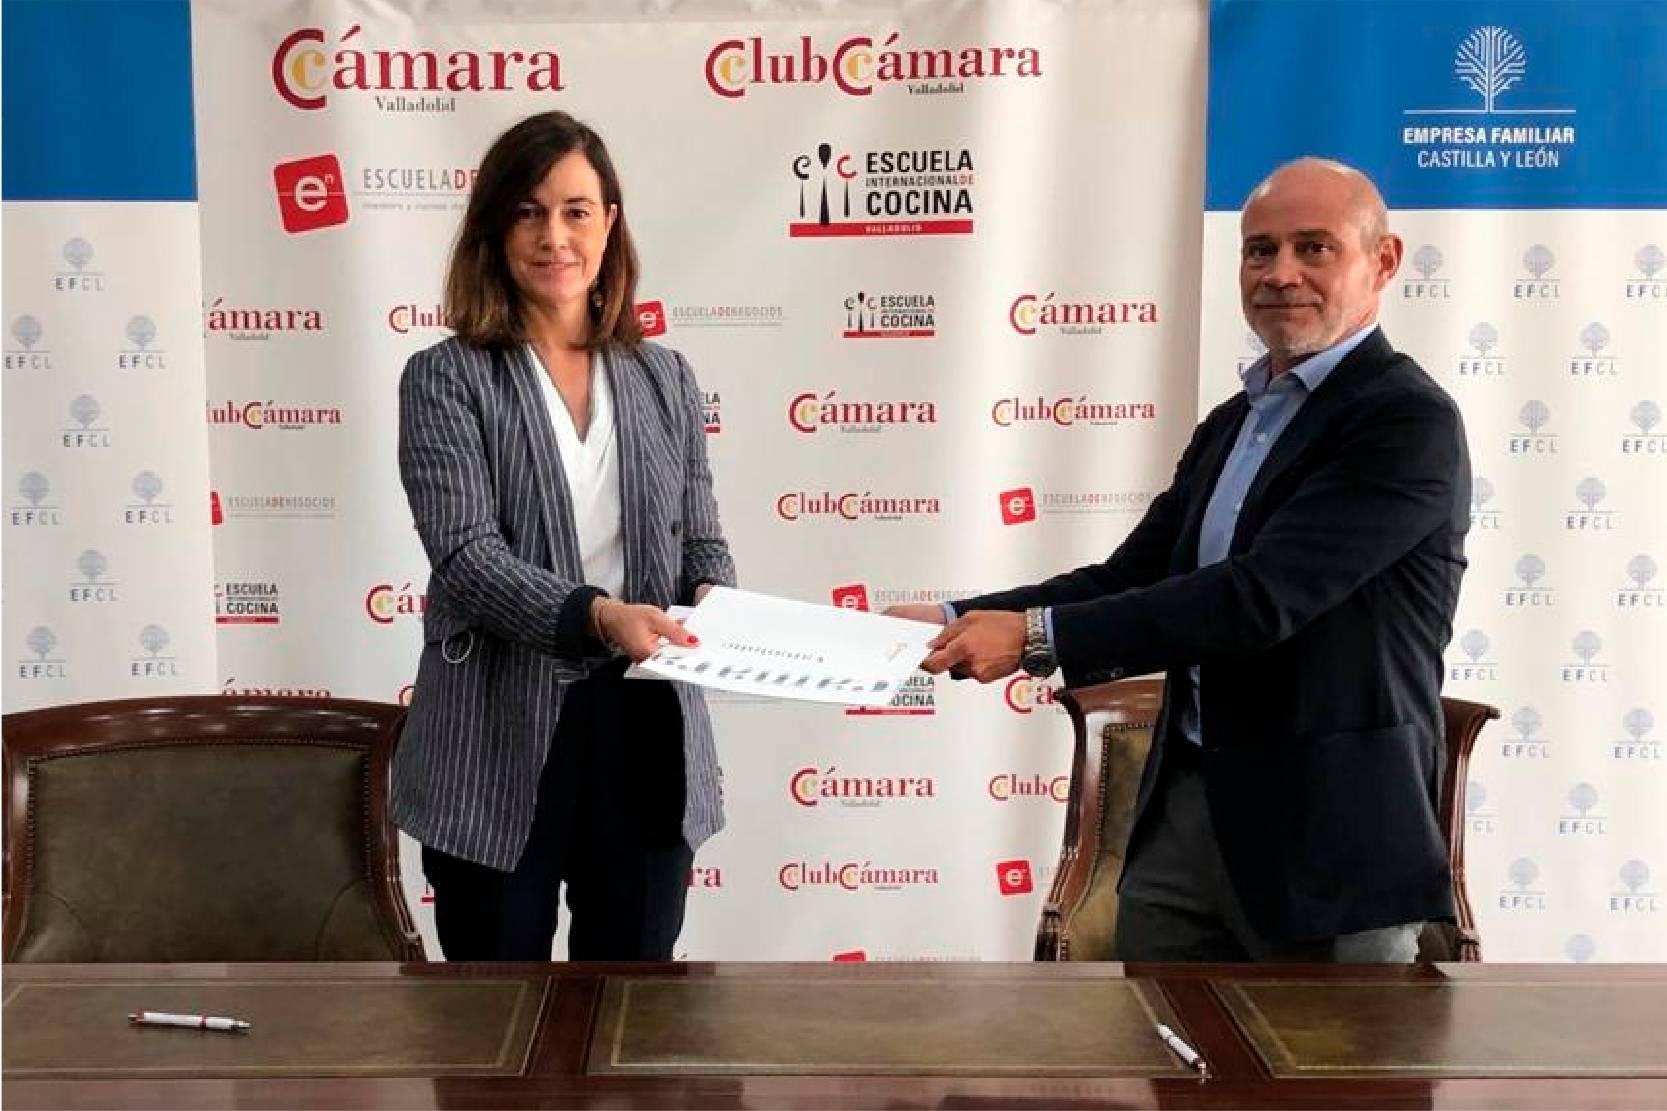 Rocío Hervella de EFCL y Victor Caramanzana de Cámara Valladolid